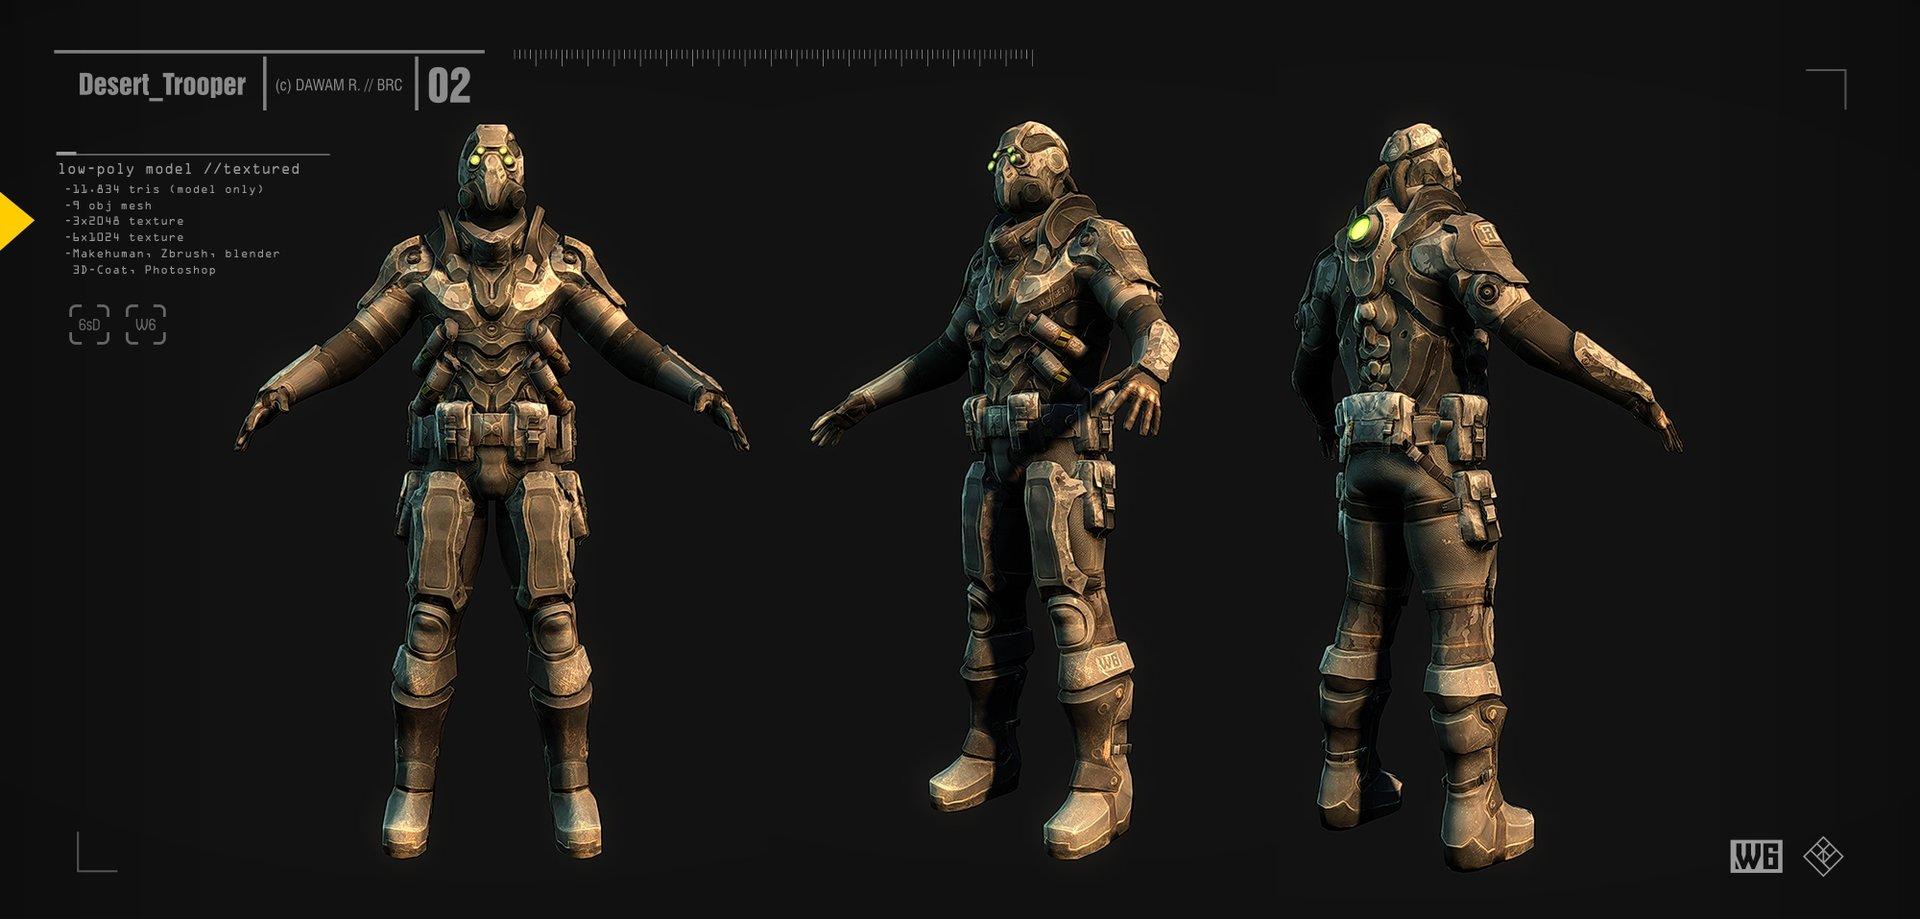 ArtStation - Desert Trooper, B R C